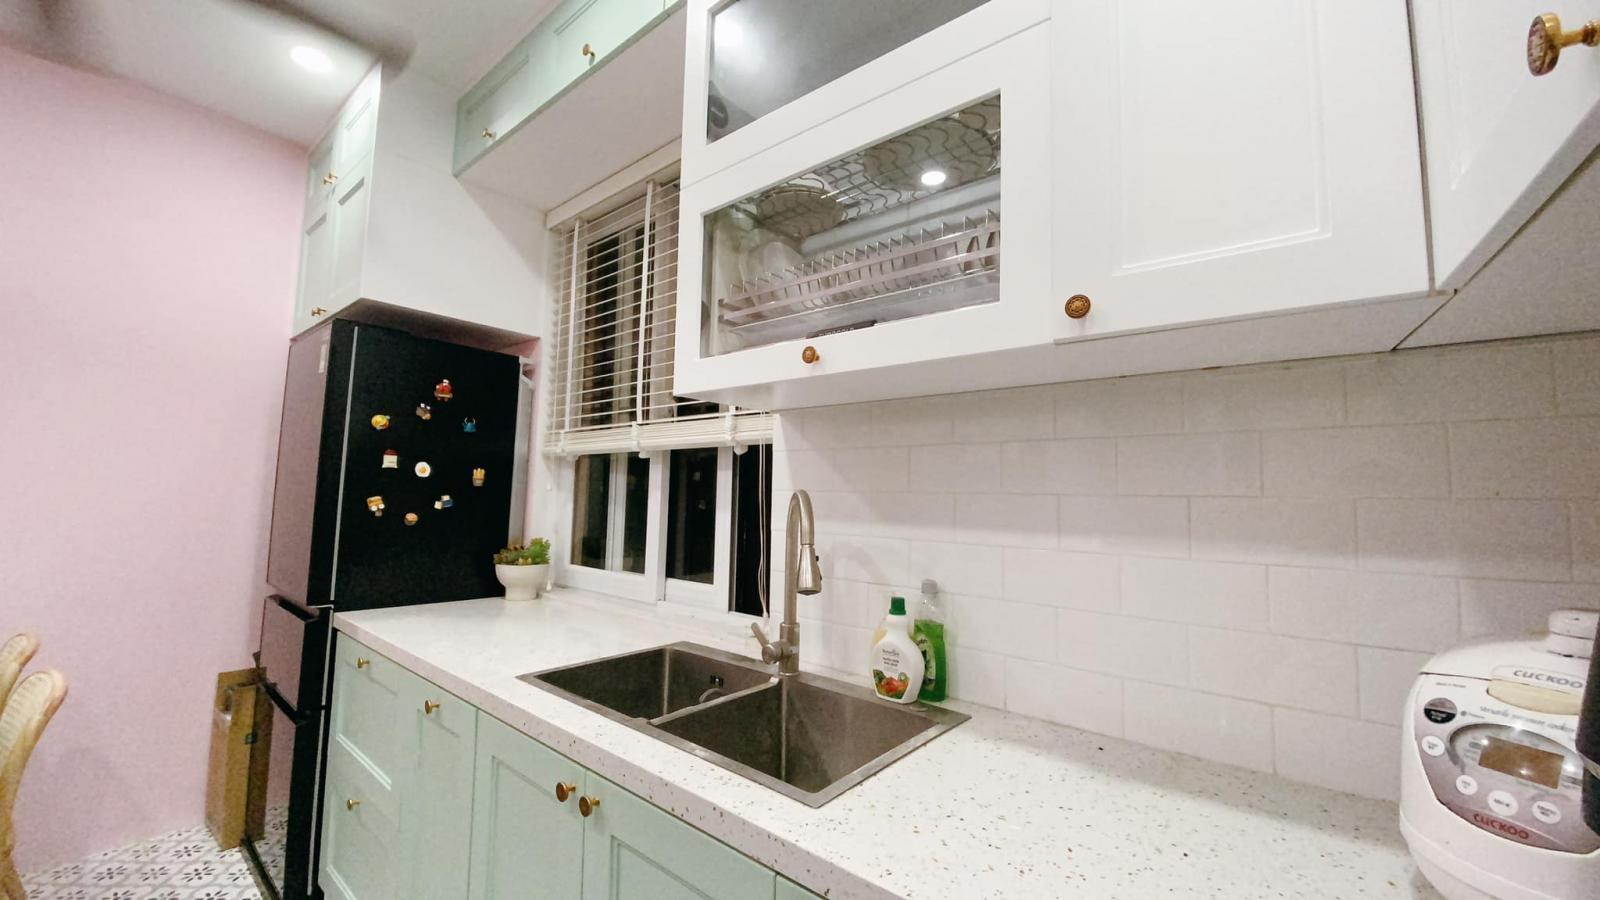 tủ lạnh, kệ bếp ở gần cửa sổ